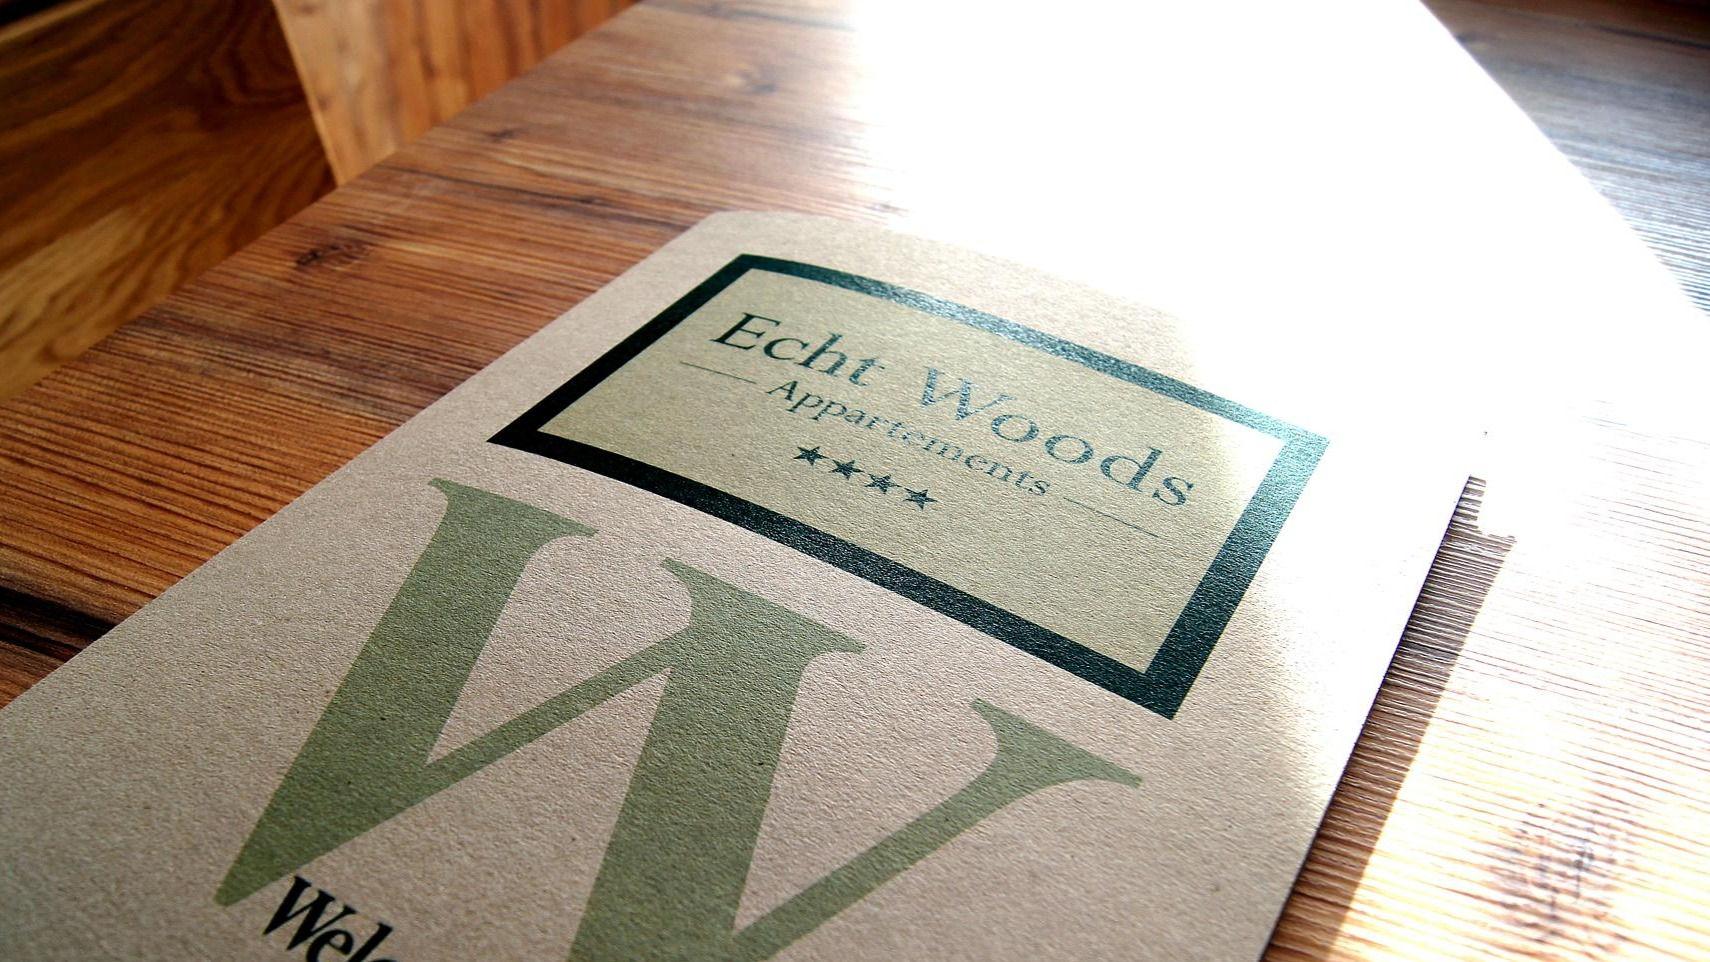 appartementhaus-echt-woods-soell-01-1_ed